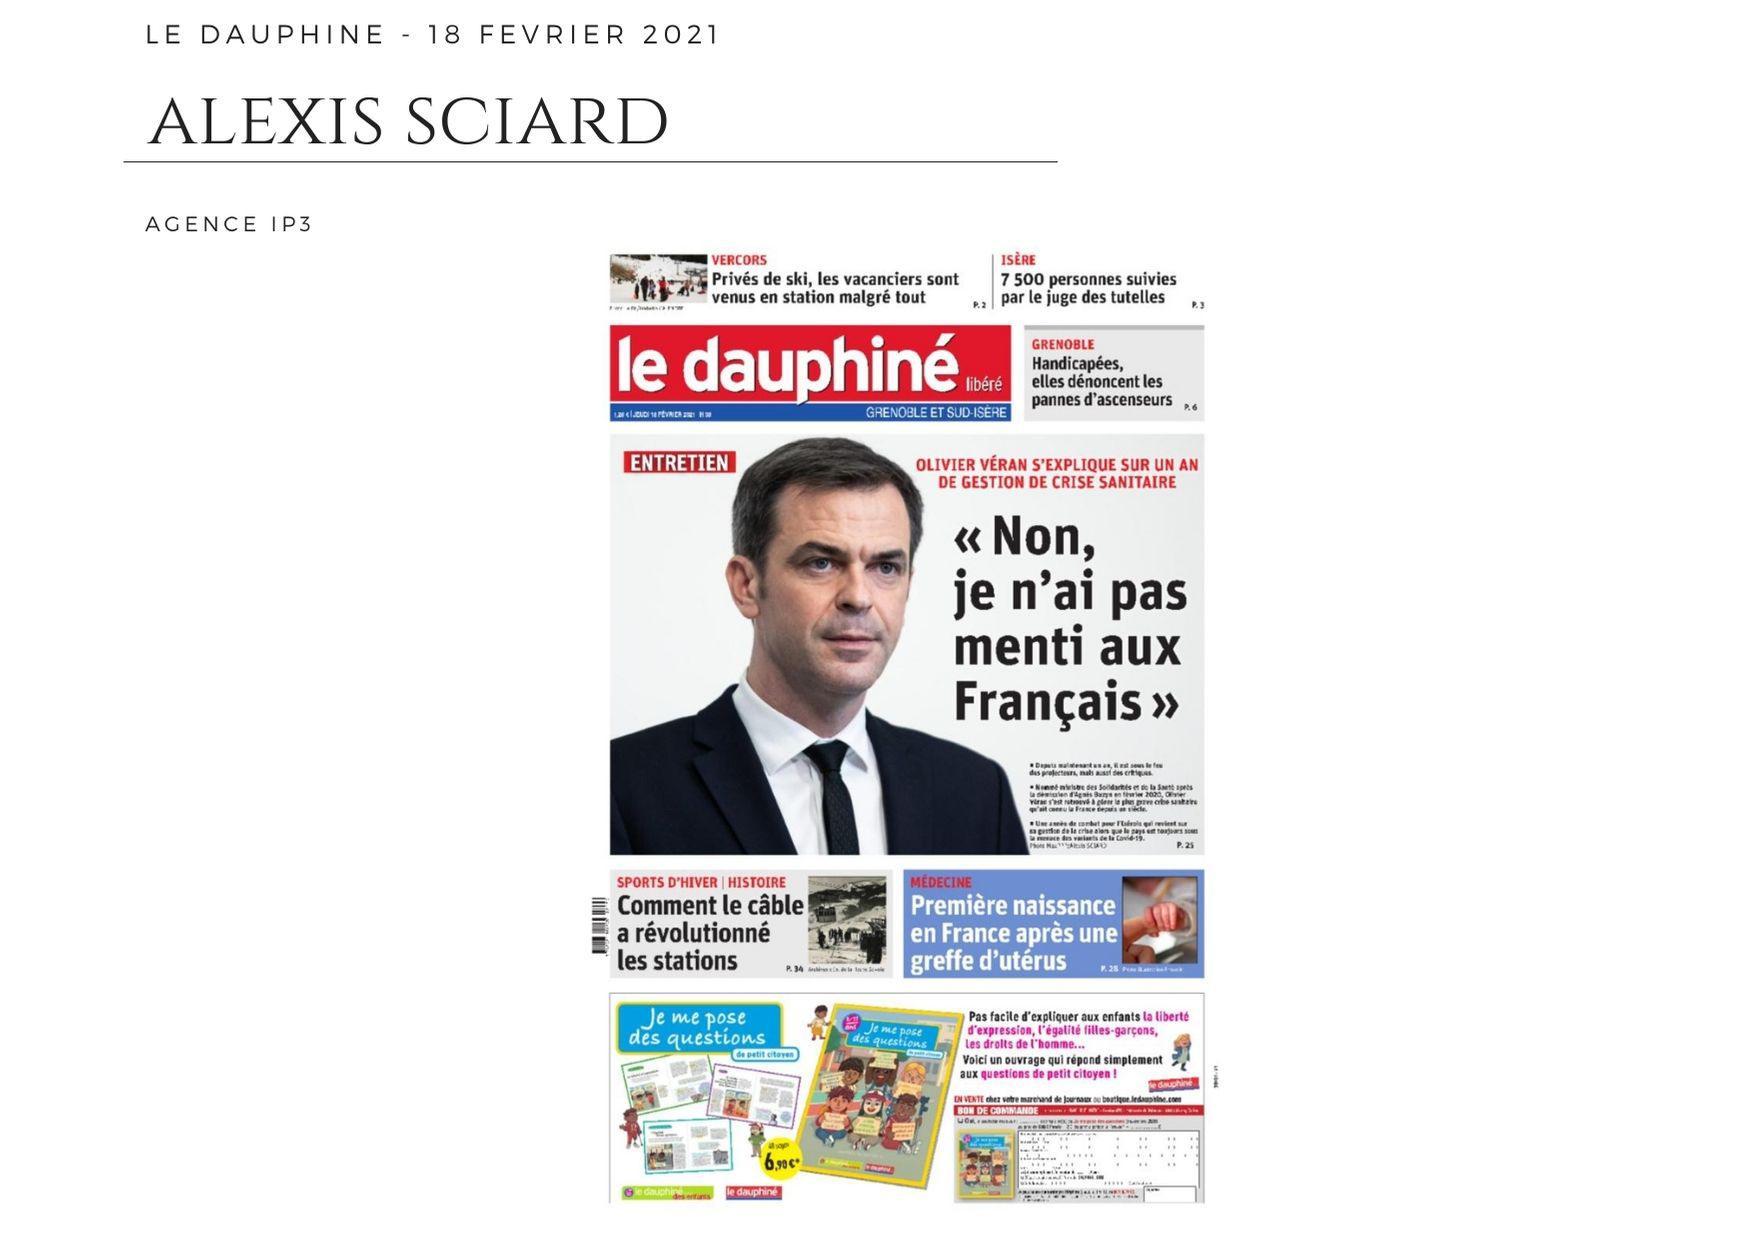 Le Dauphiné - 18 février 2021